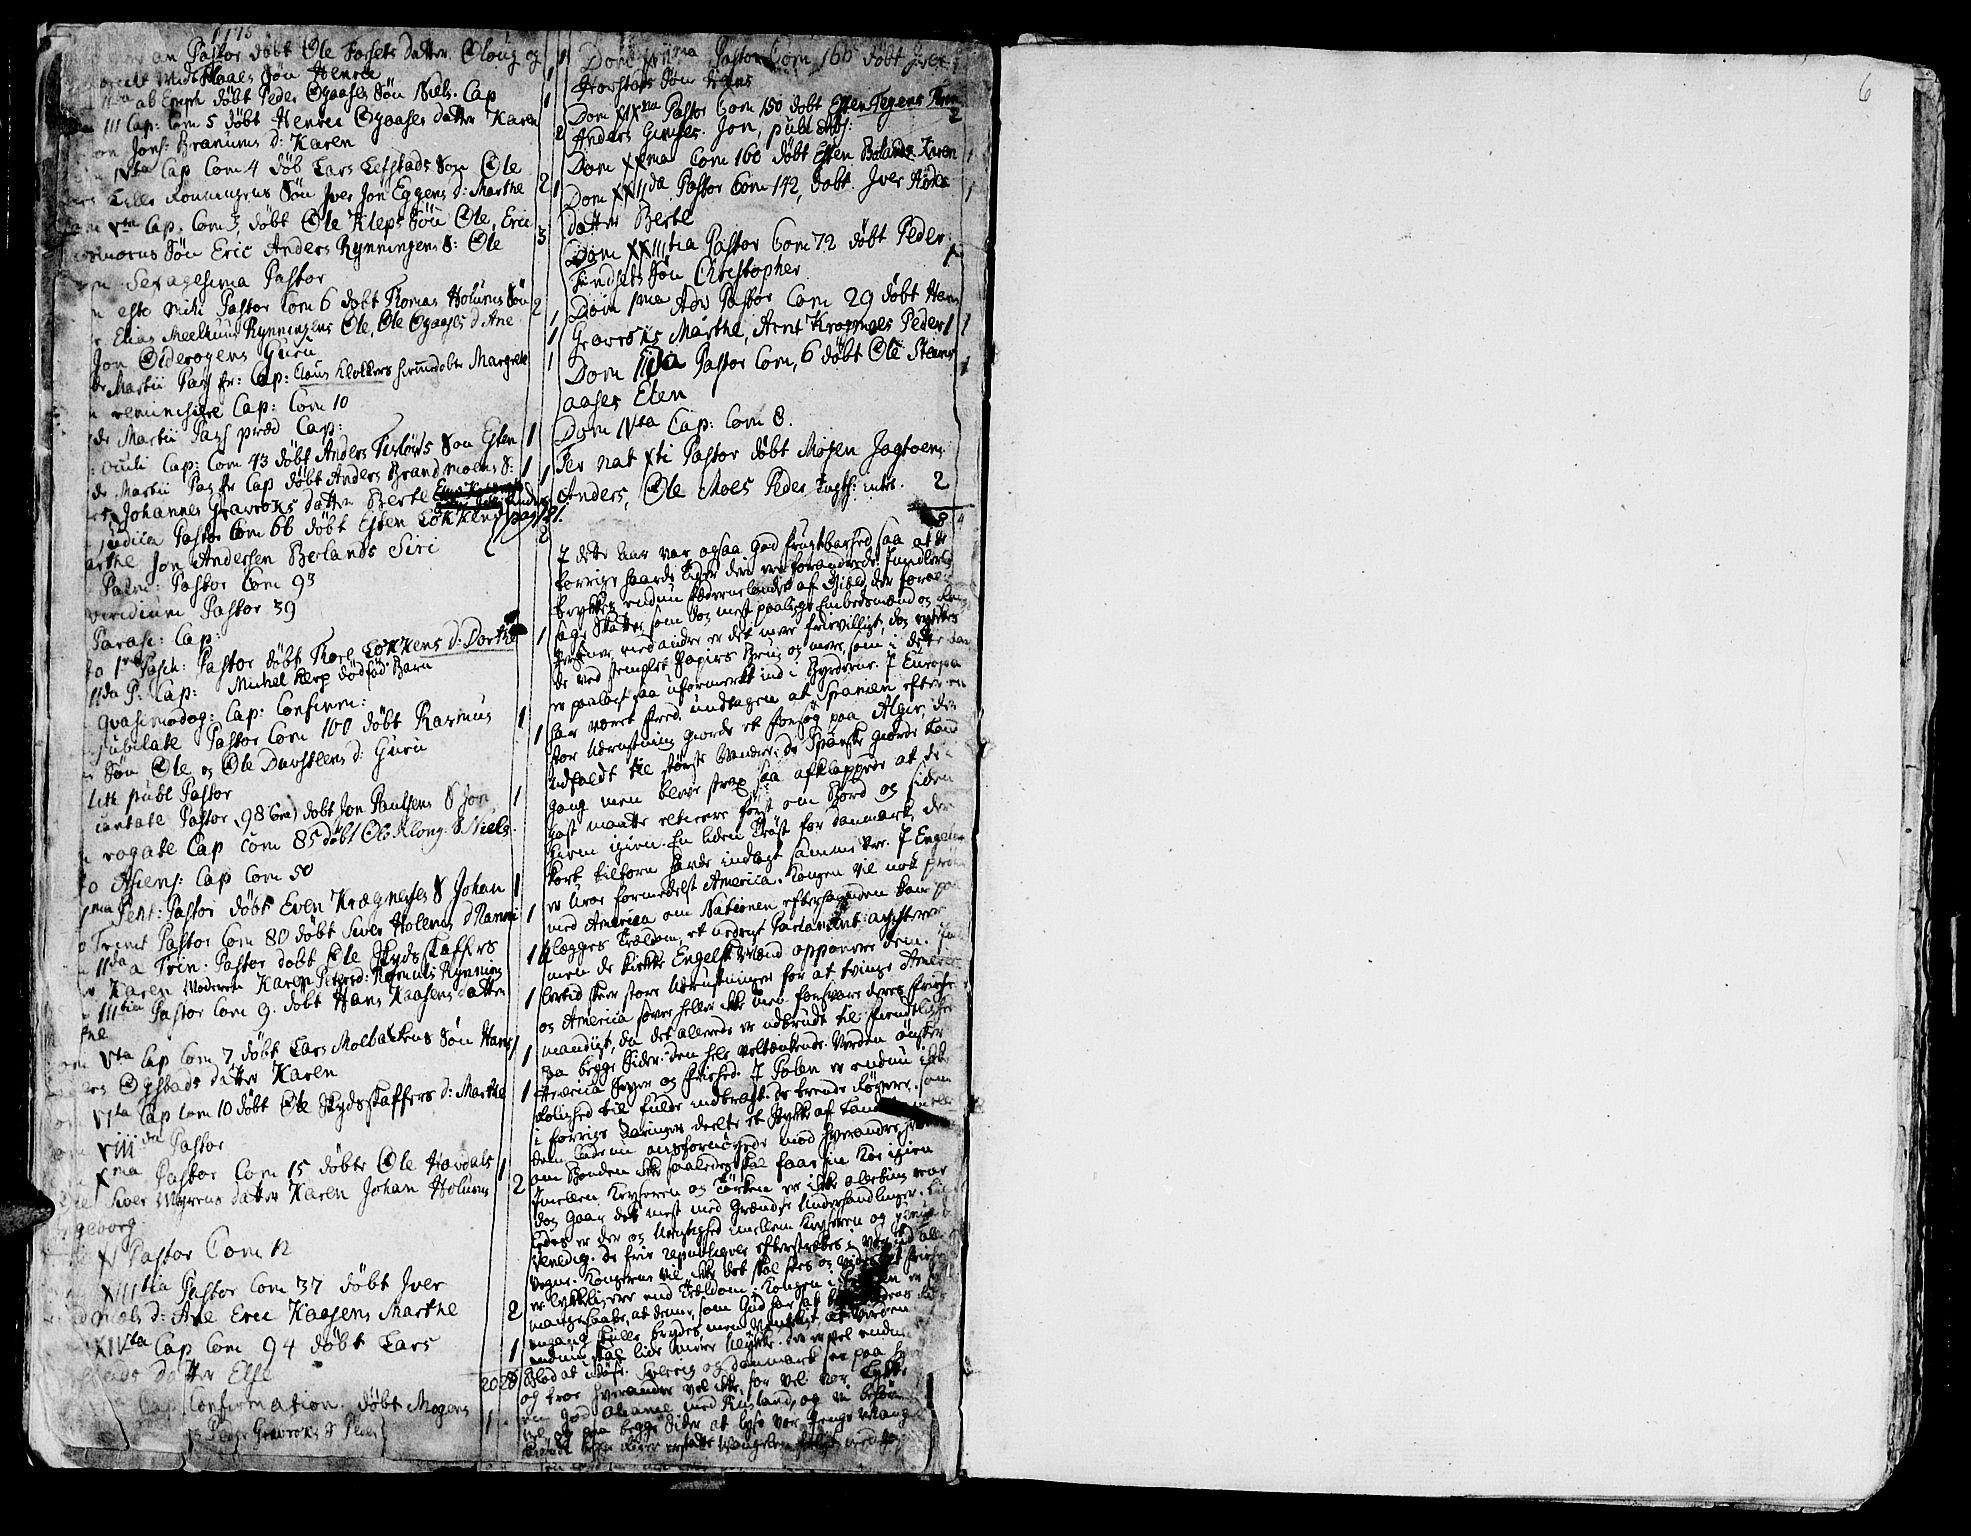 SAT, Ministerialprotokoller, klokkerbøker og fødselsregistre - Sør-Trøndelag, 691/L1061: Ministerialbok nr. 691A02 /1, 1768-1815, s. 6